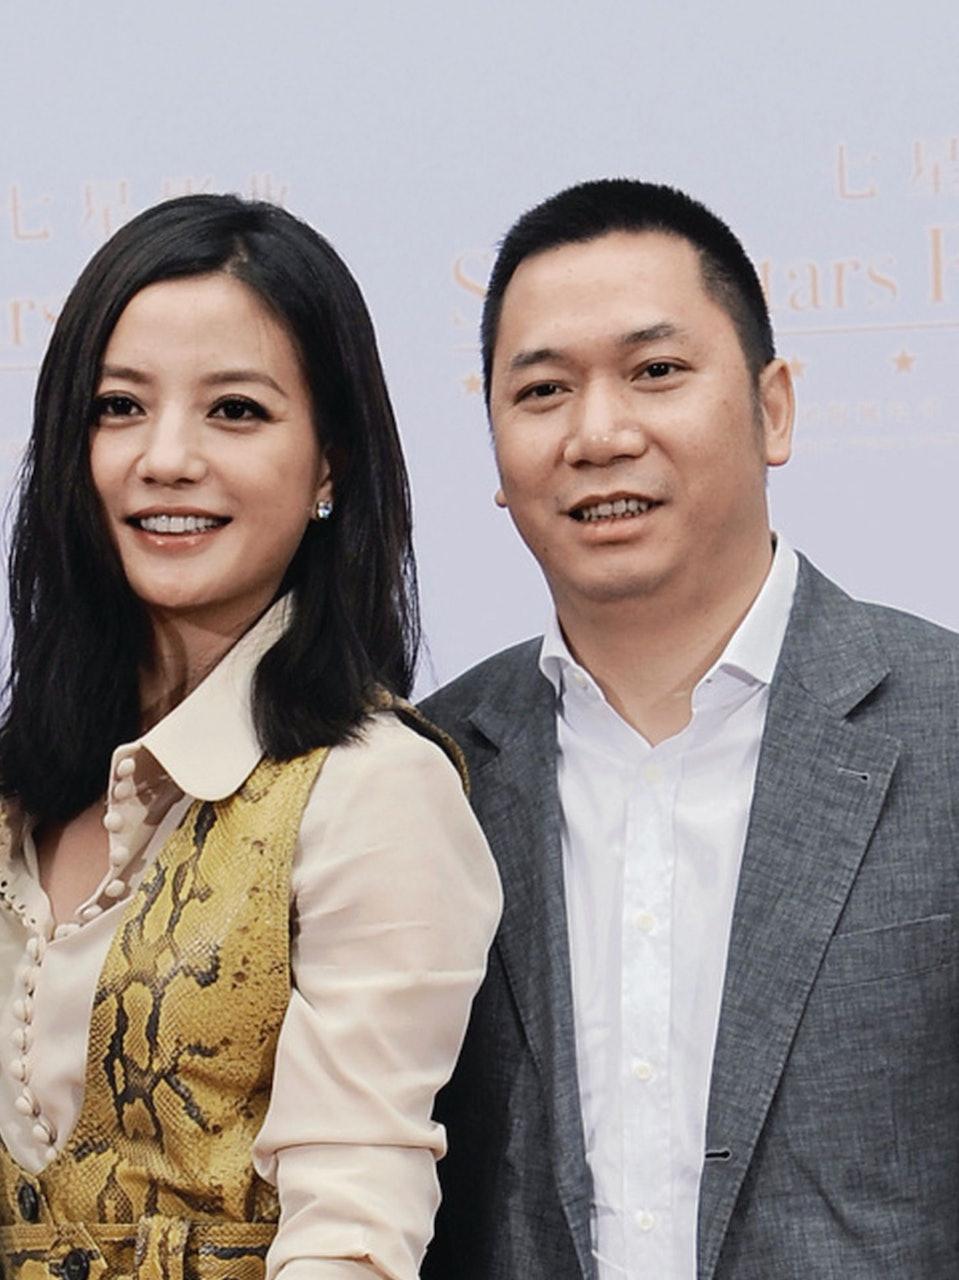 Đây mới thực sự là lý do khiến Triệu Vy 'rớt đài': Mối quan hệ 'trong tối' với ông trùm Alibaba được phơi bày 2